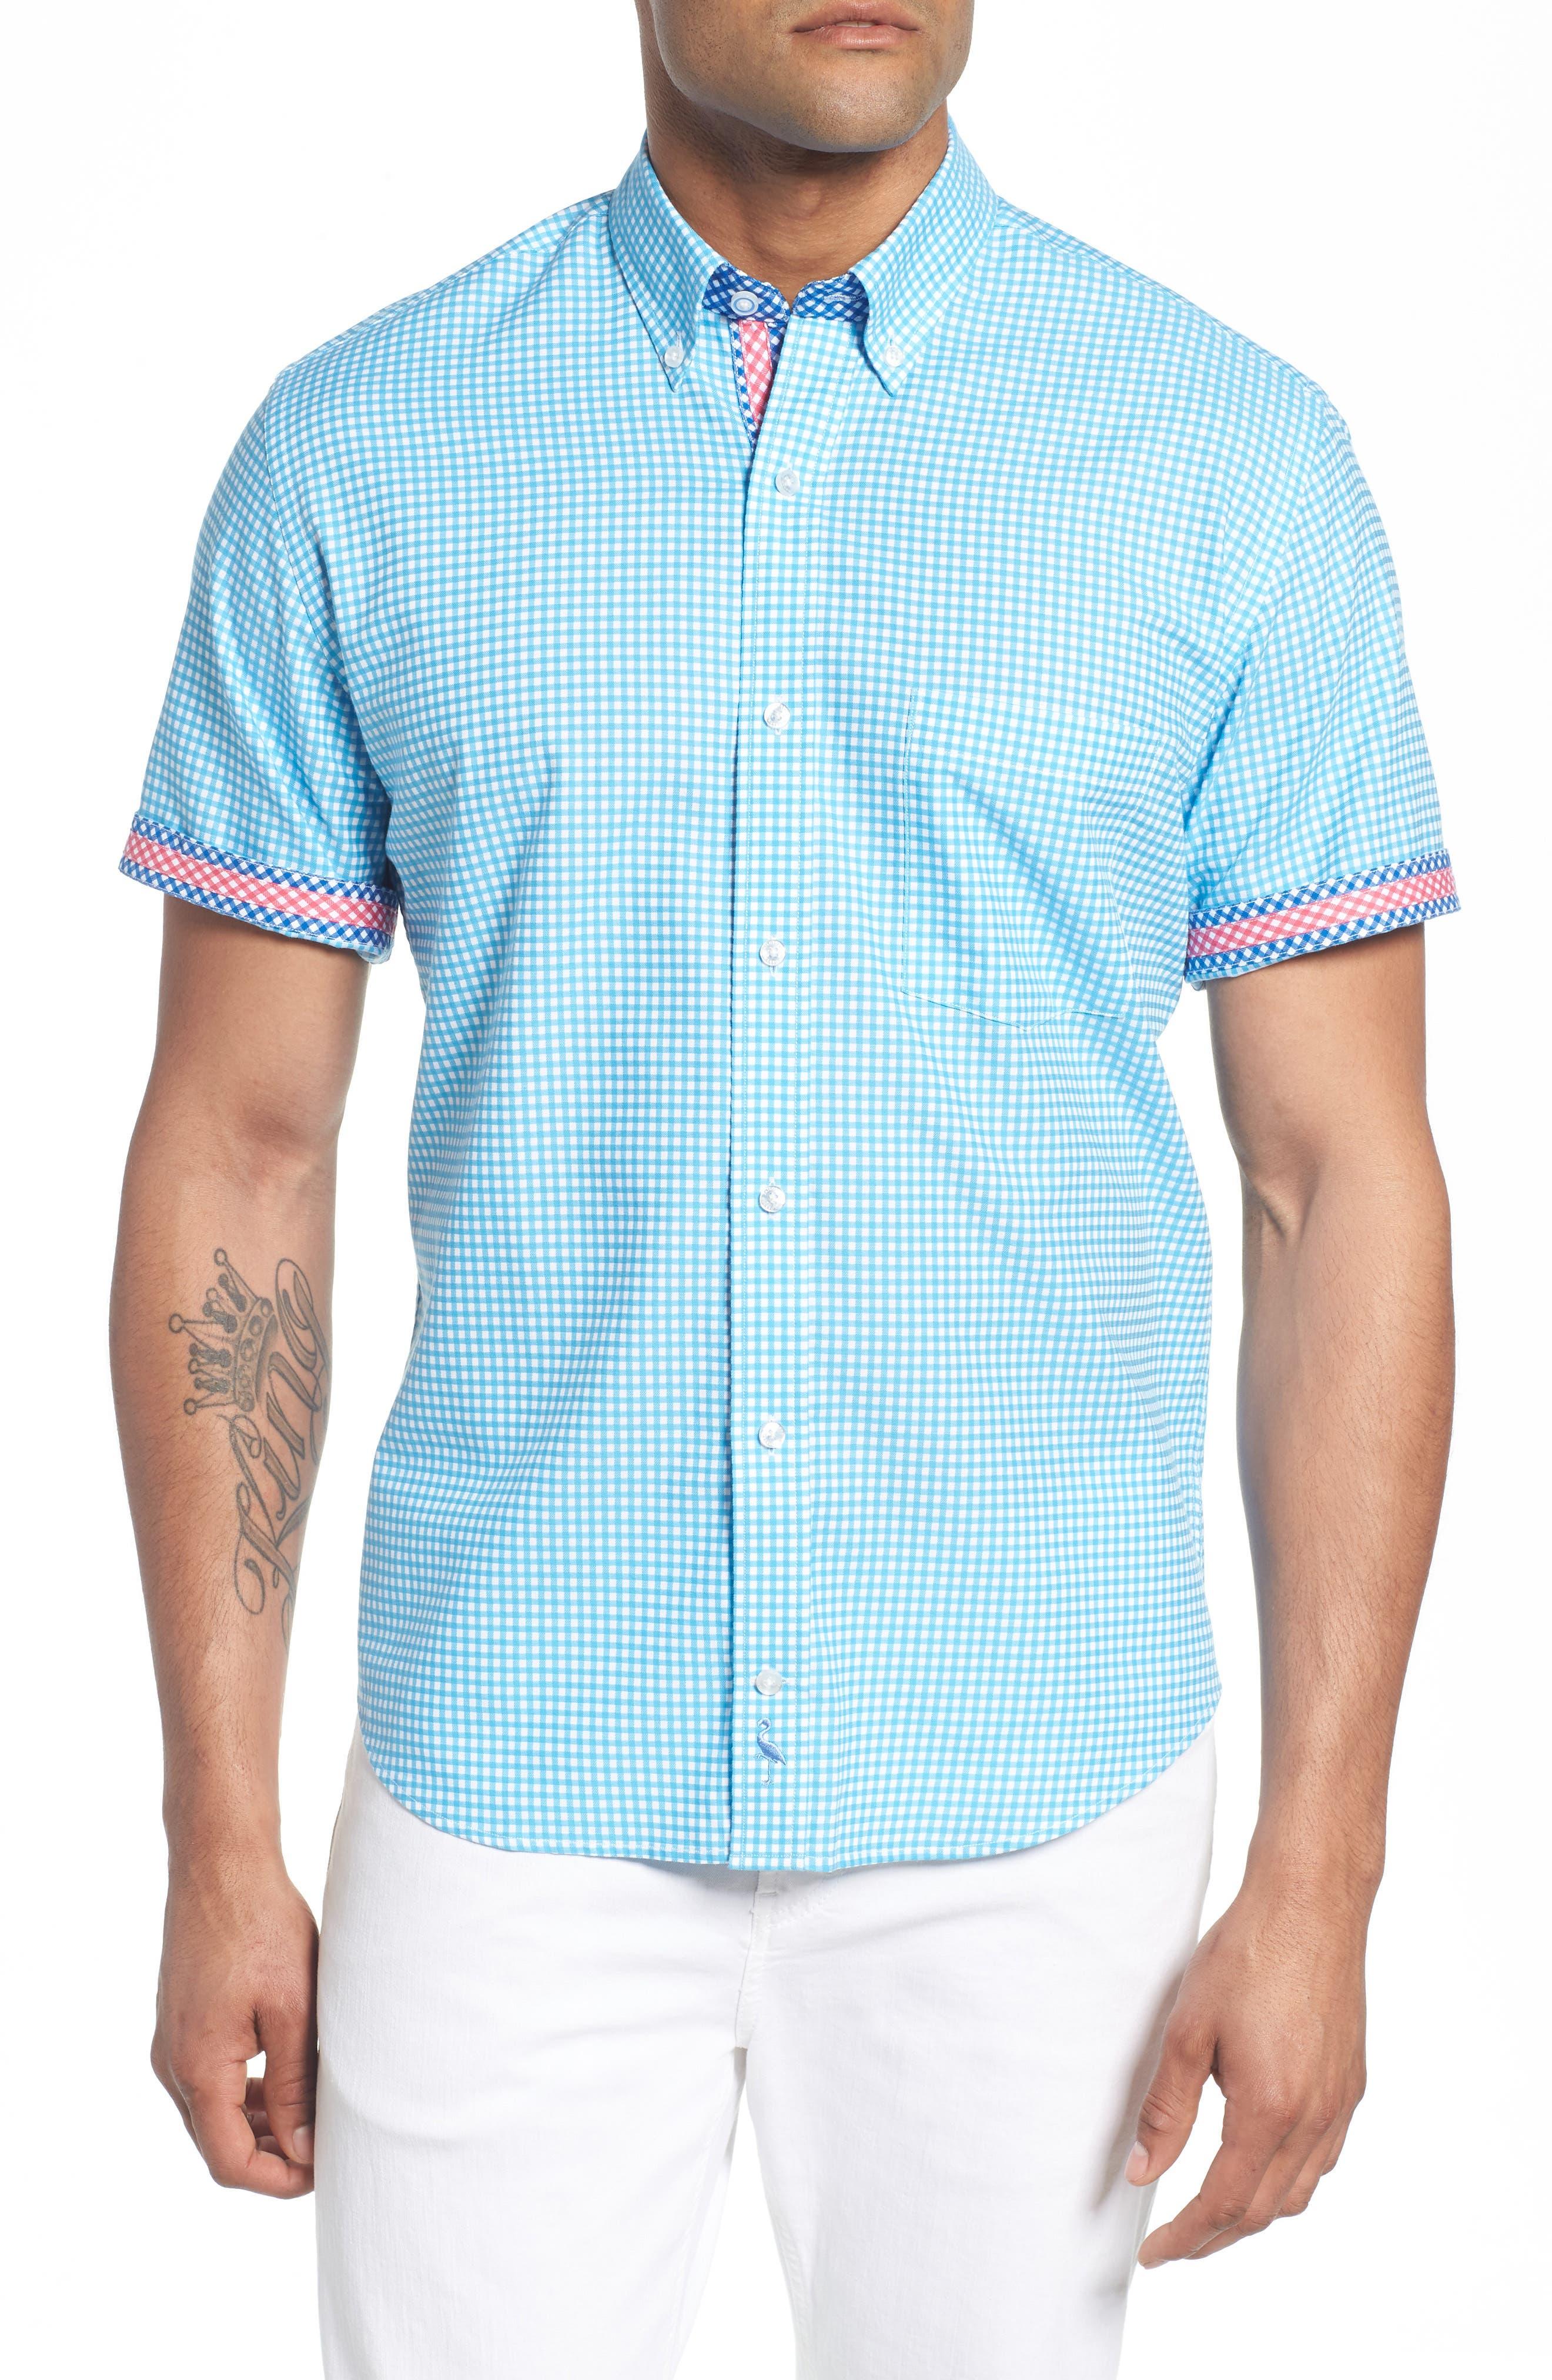 Aden Regular Fit Sport Shirt,                             Alternate thumbnail 3, color,                             Aqua